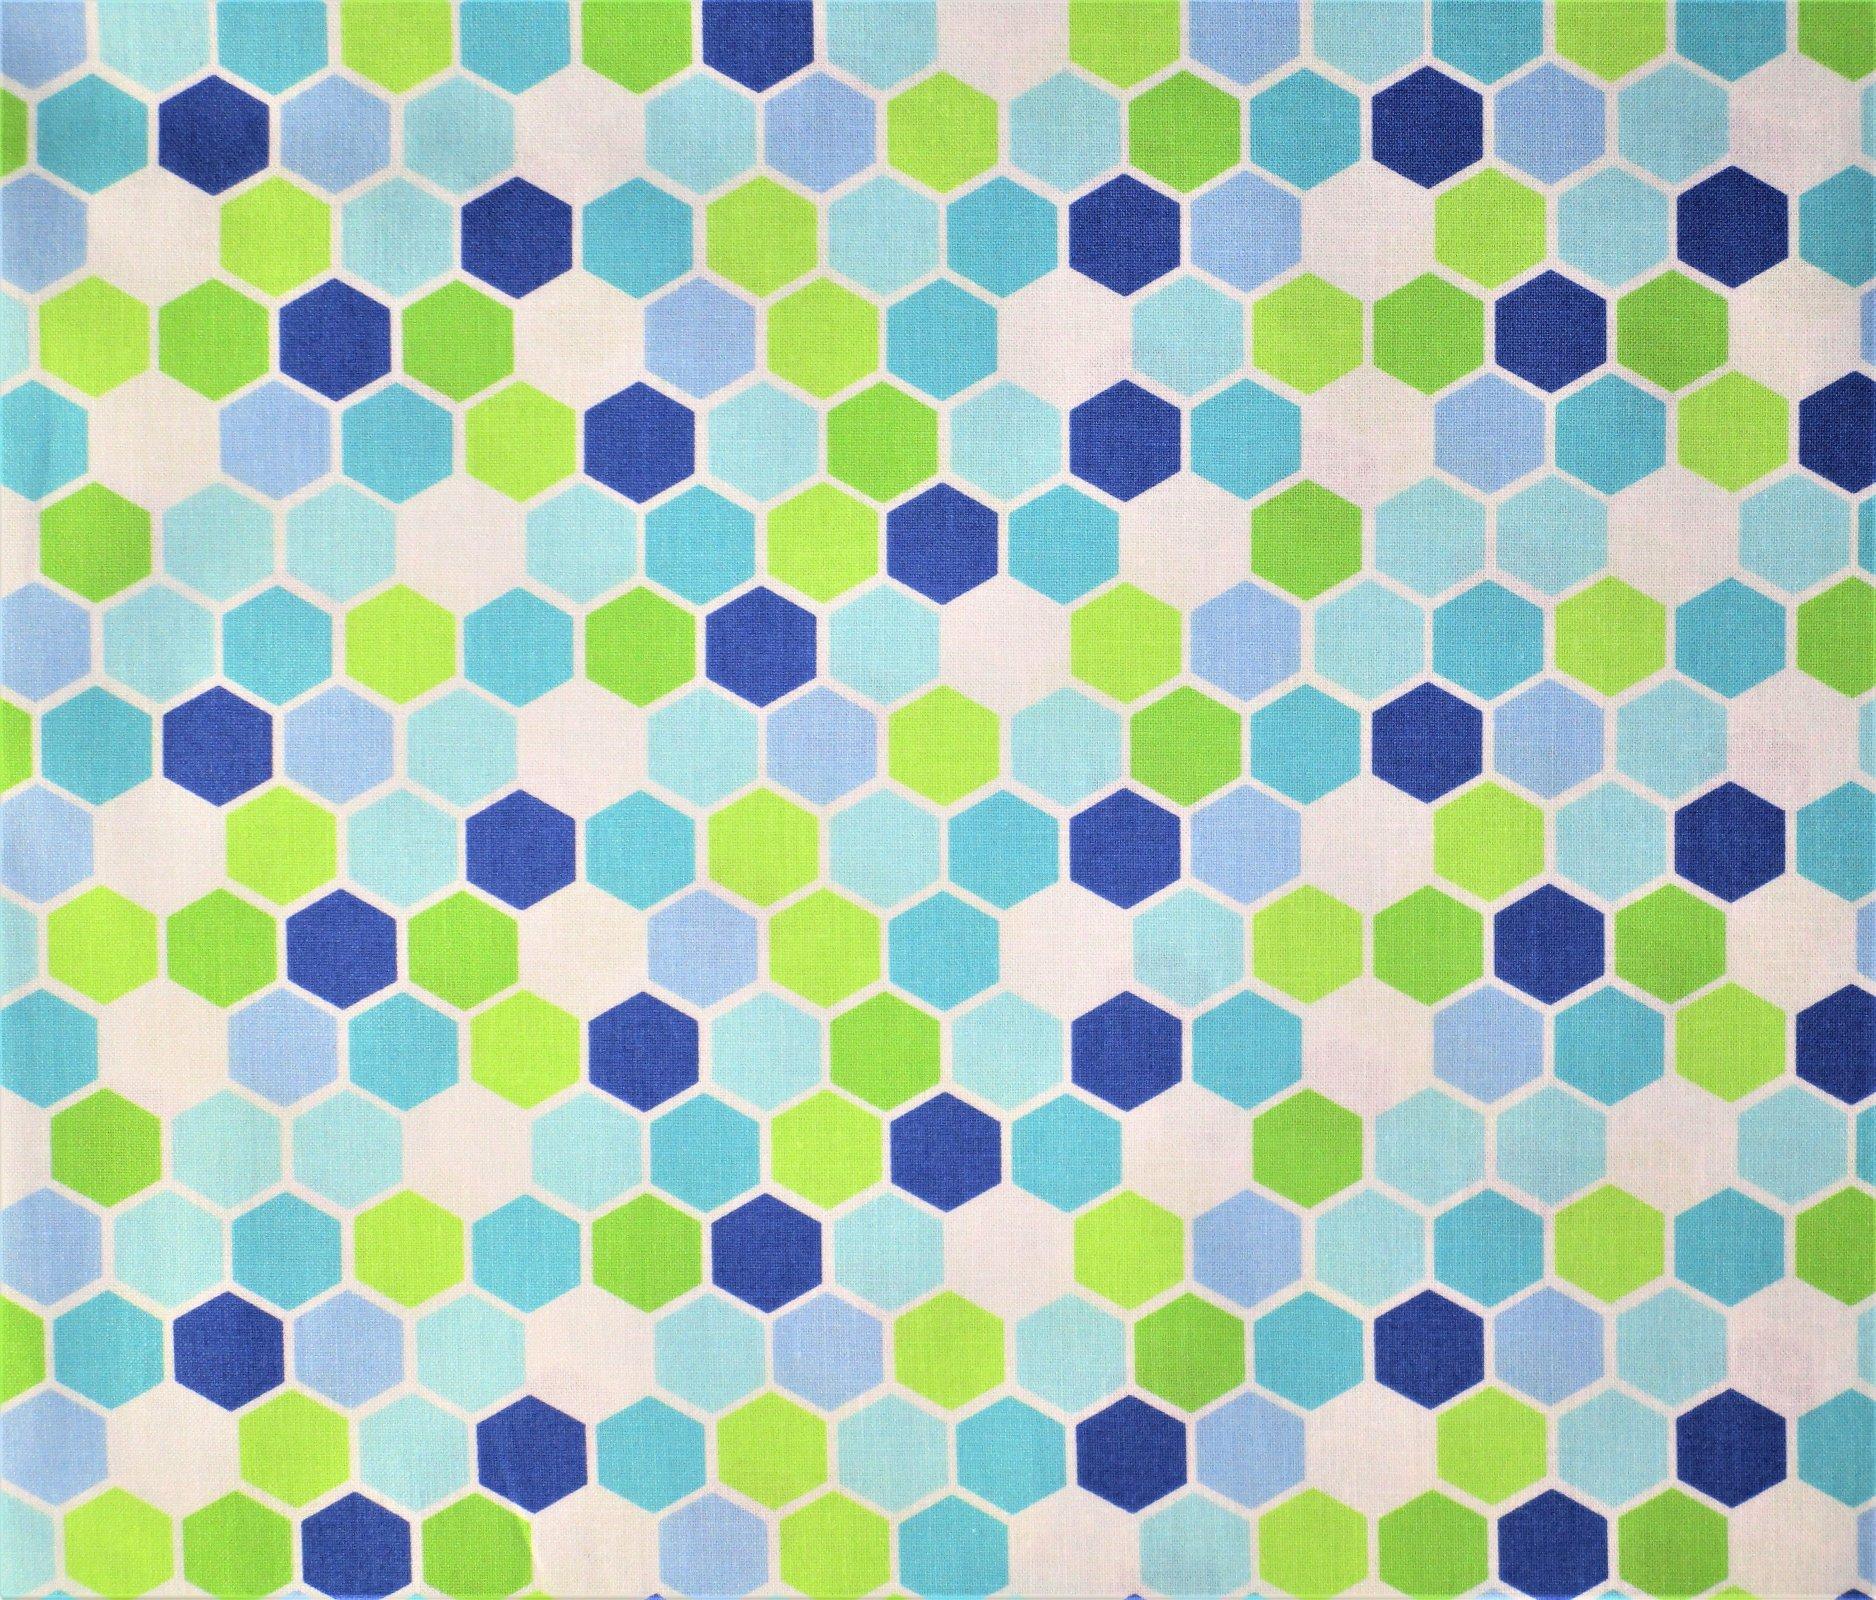 Brighten Up 22287-21 Cool Hexagons